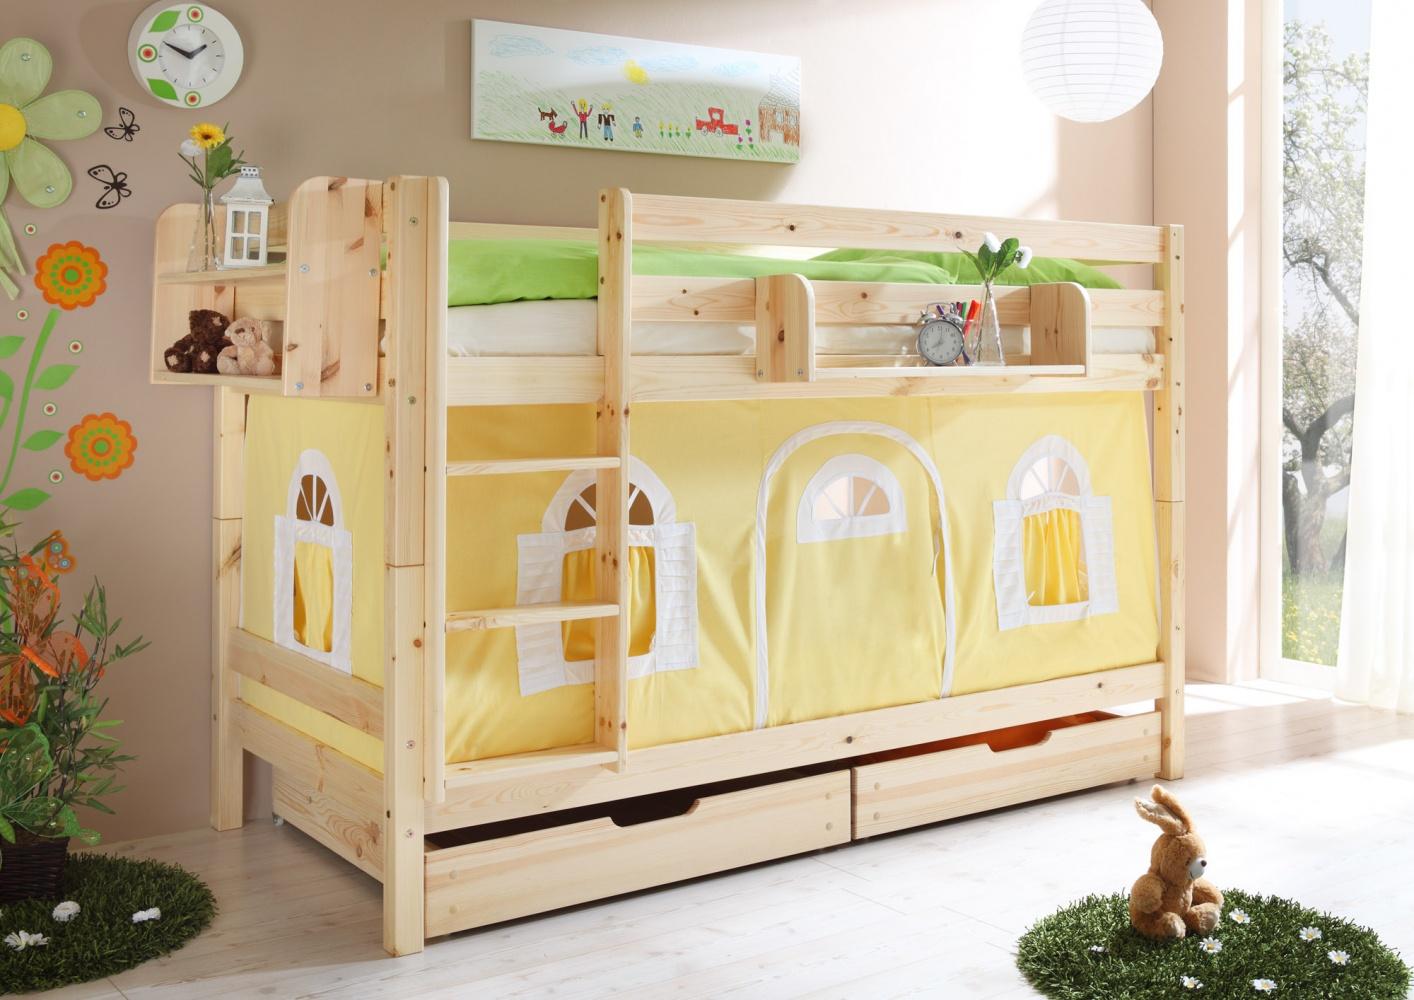 Etagenbett Vorhang Auto : Kinder etagenbett kiefer massiv timo inklusive vorhang kaufen bei